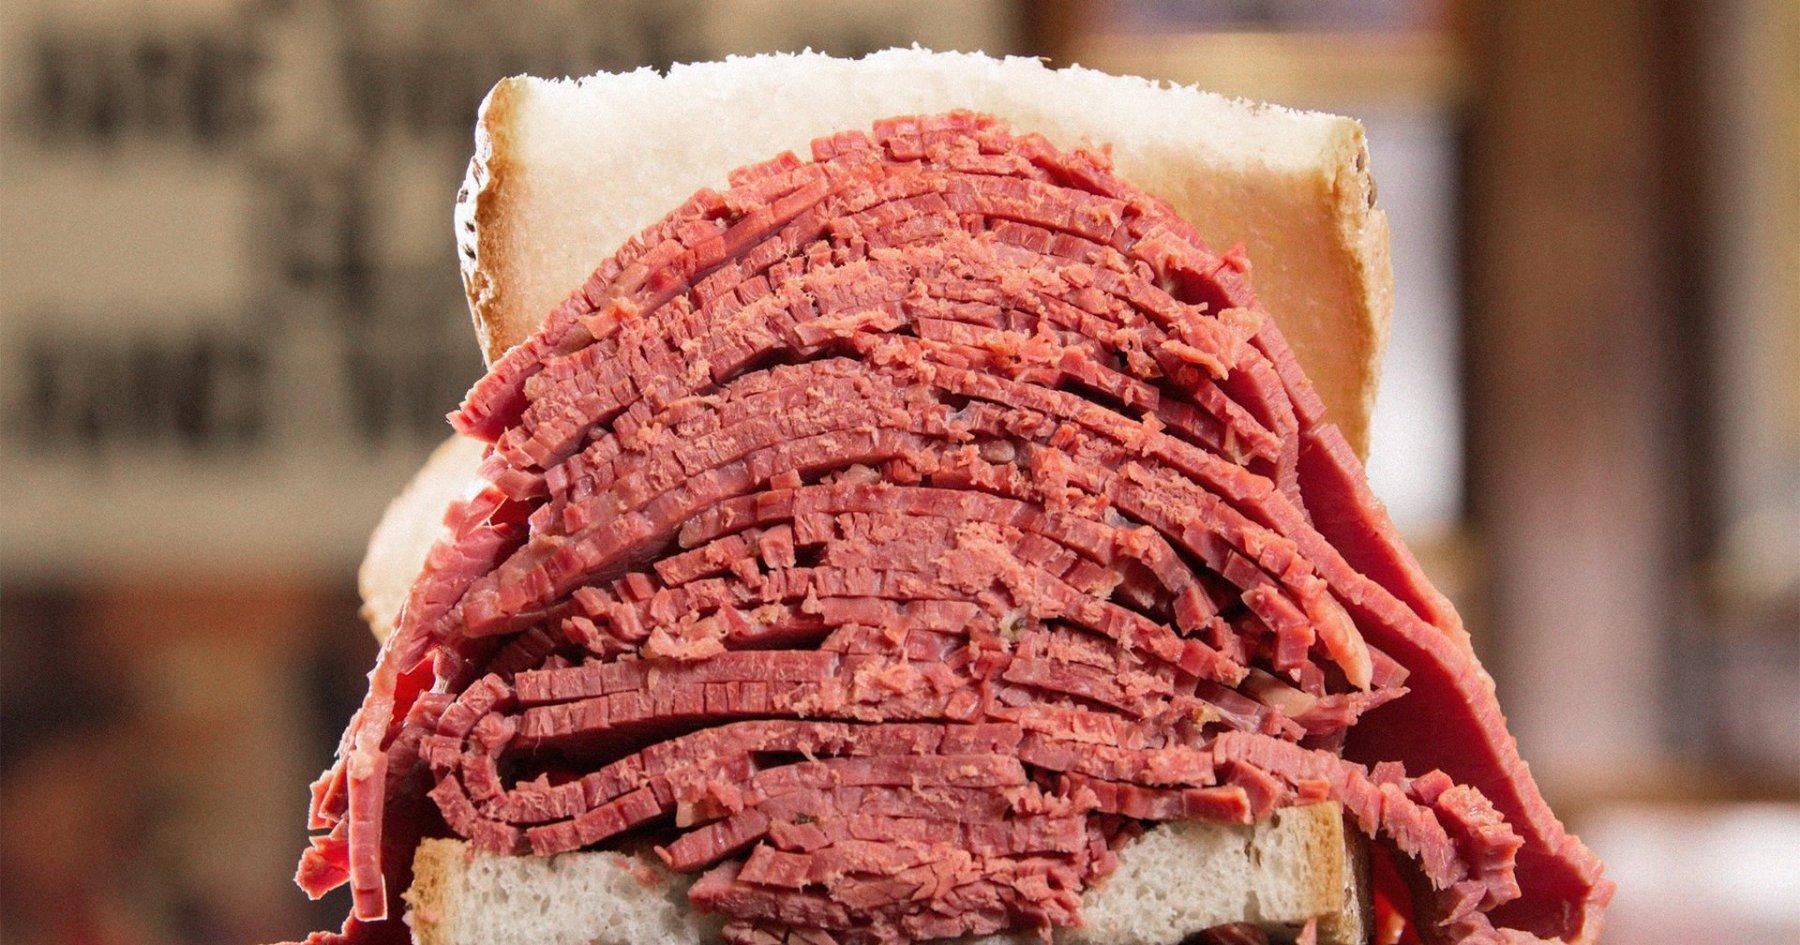 The NY Book of Sandwich, Vol. 4: The Jewish Deli